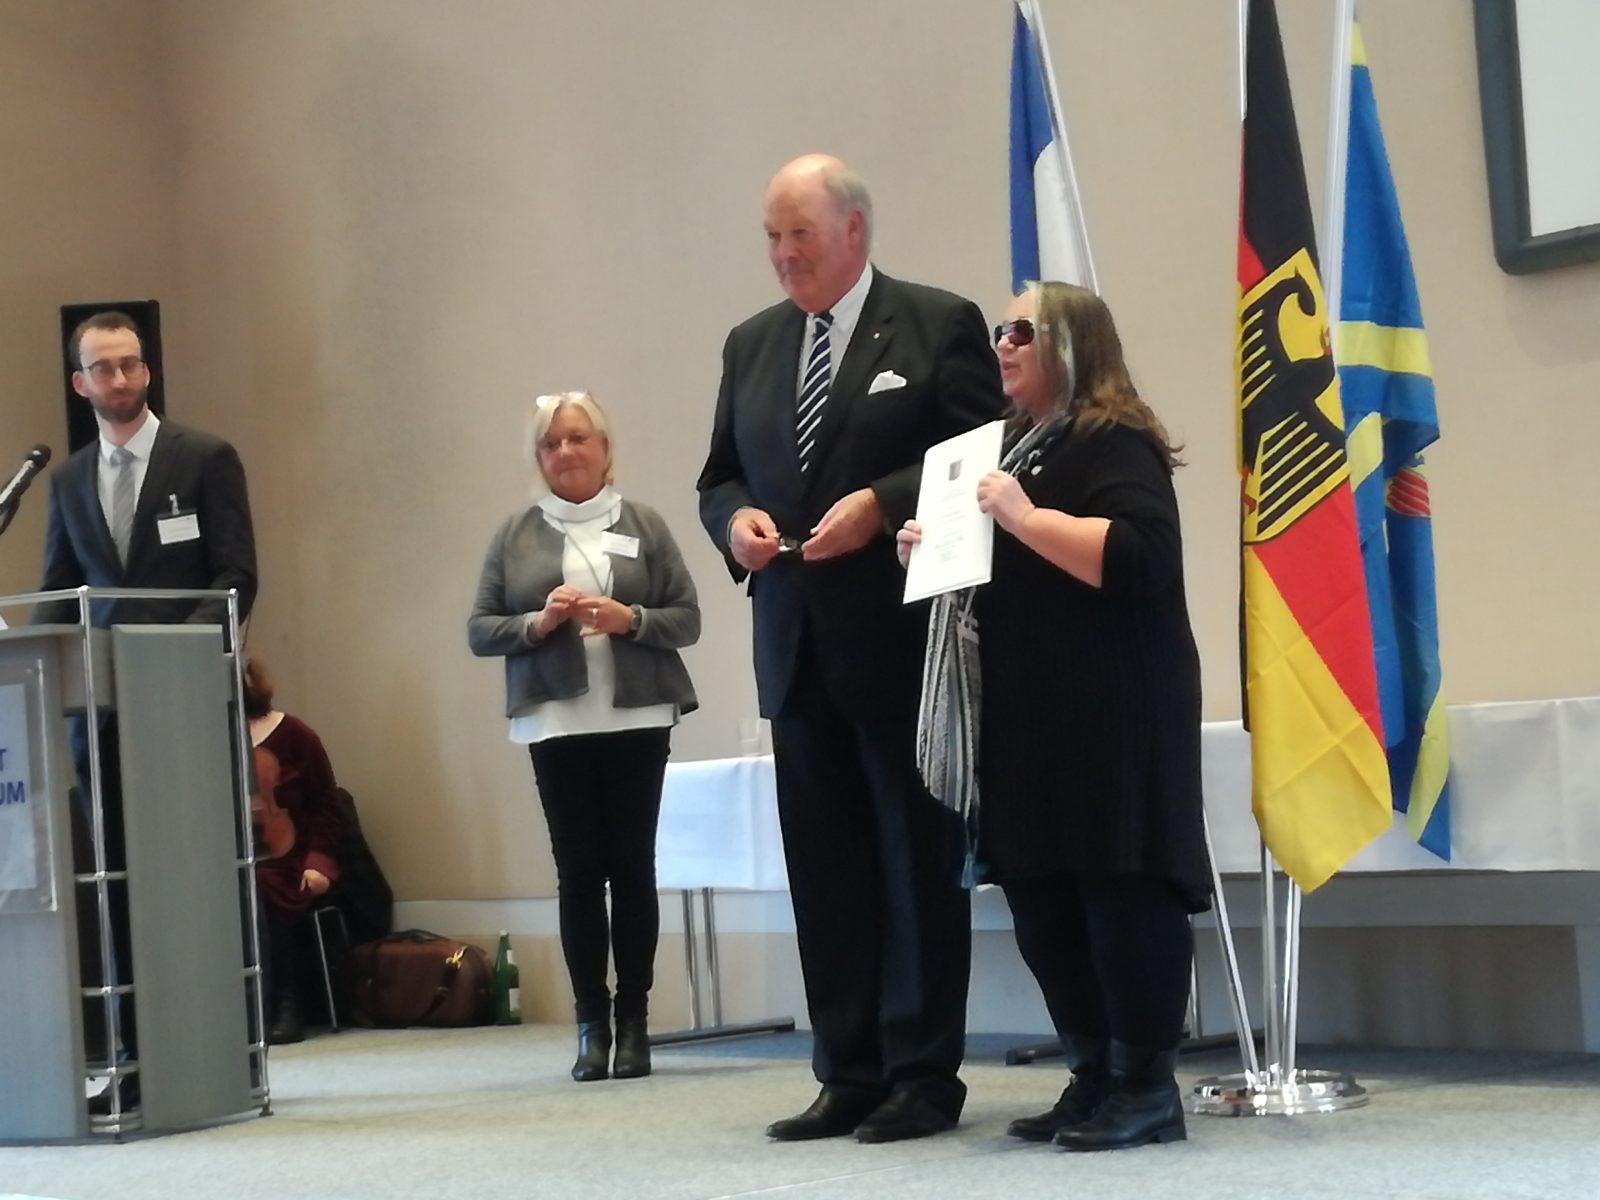 Verleihung der Freiherr-vom-Stein Verdienstnadel